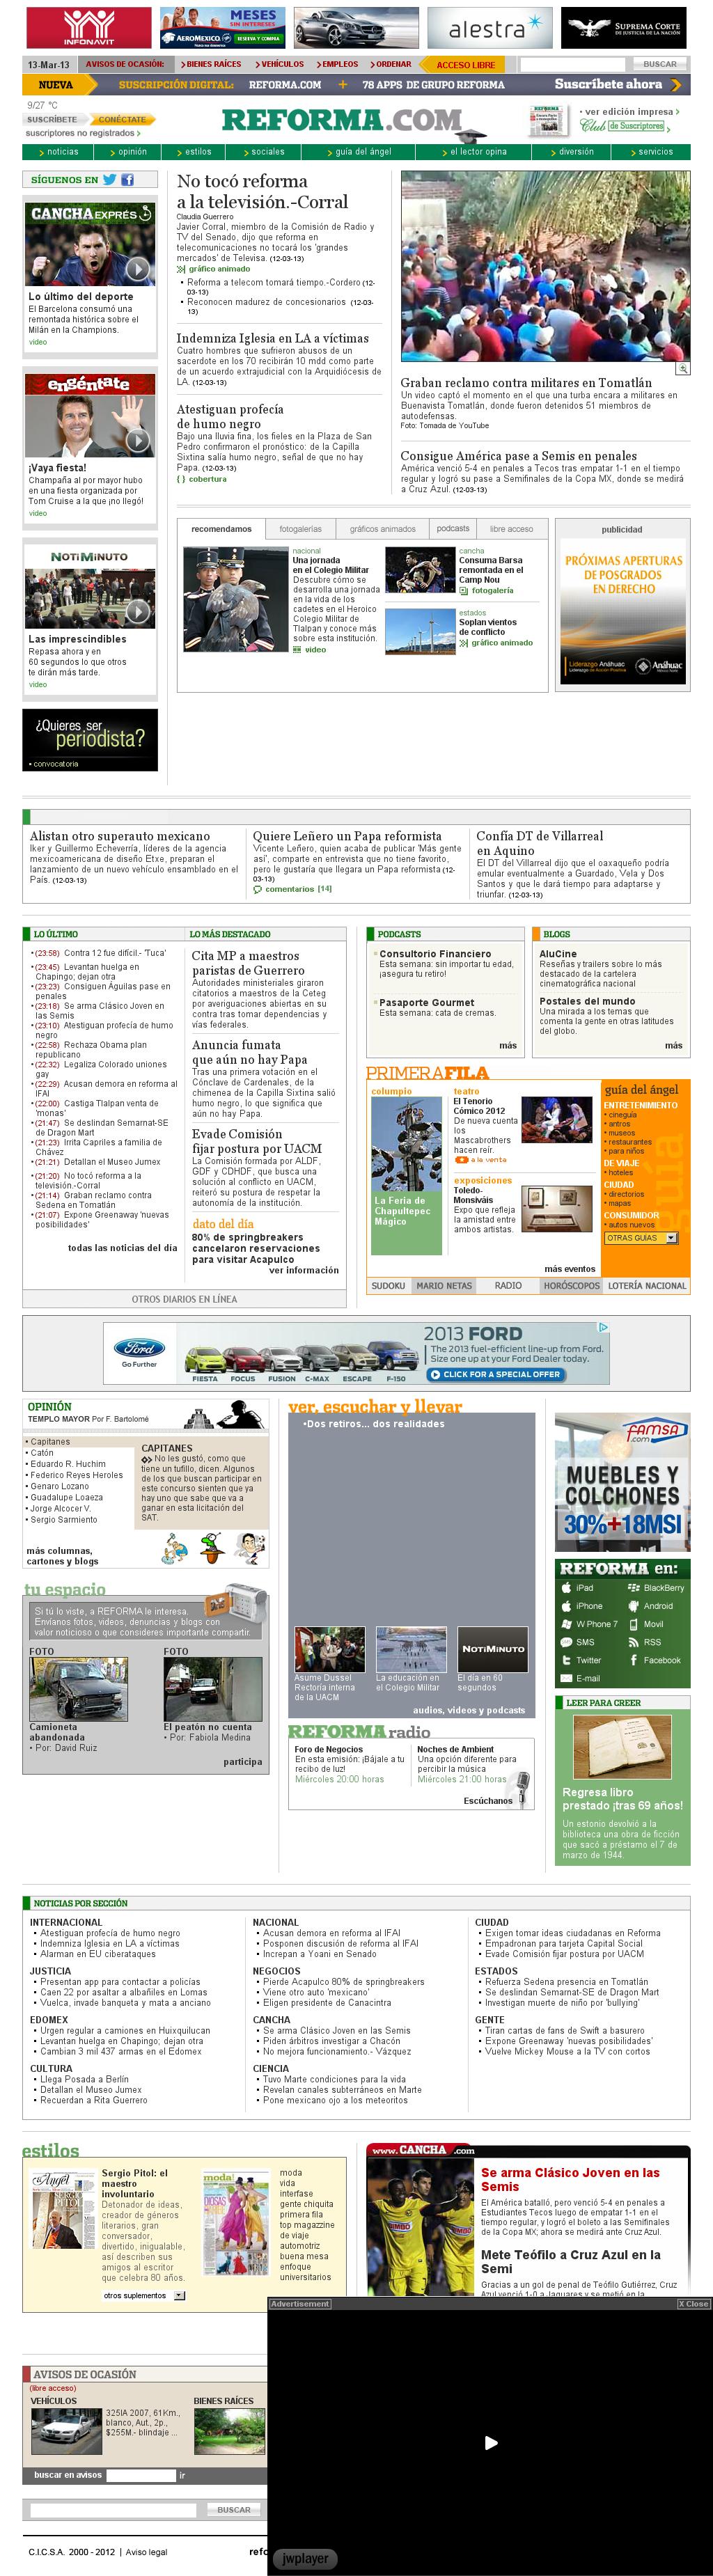 Reforma.com at Wednesday March 13, 2013, 7:18 a.m. UTC